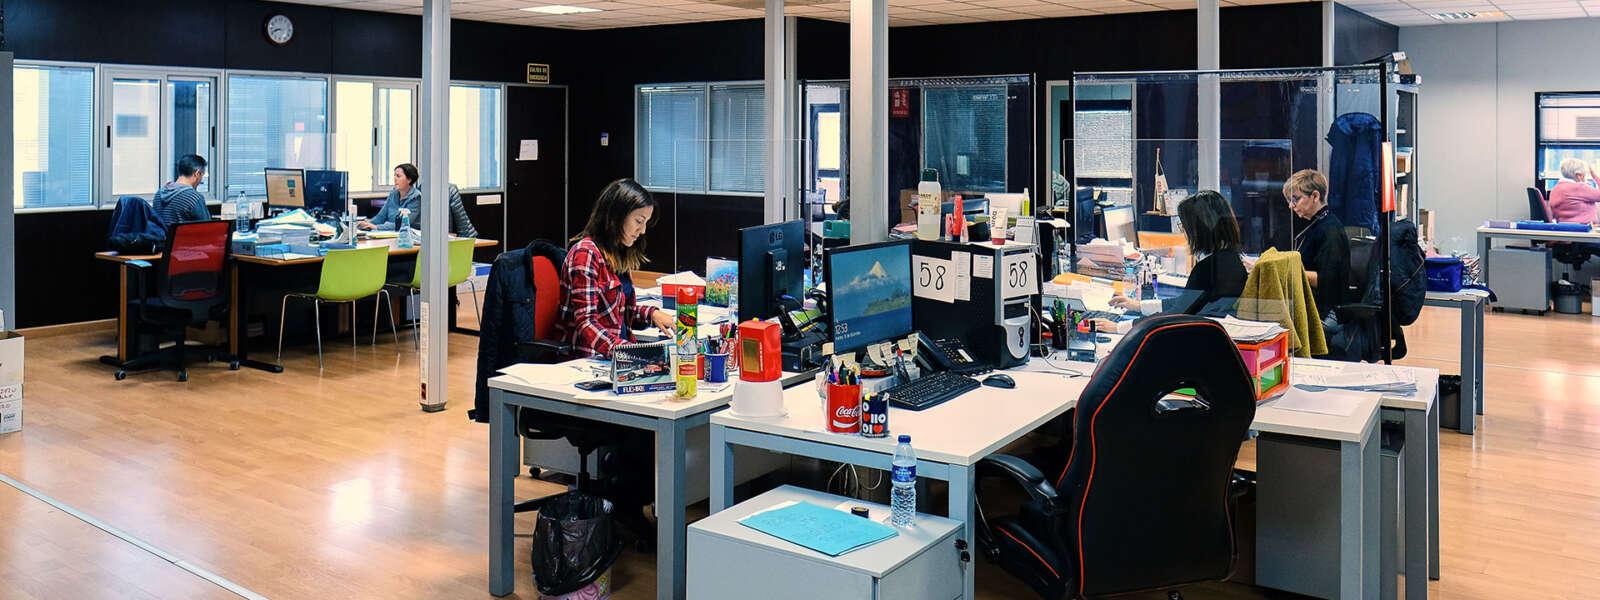 imagen-oficina-interior-1